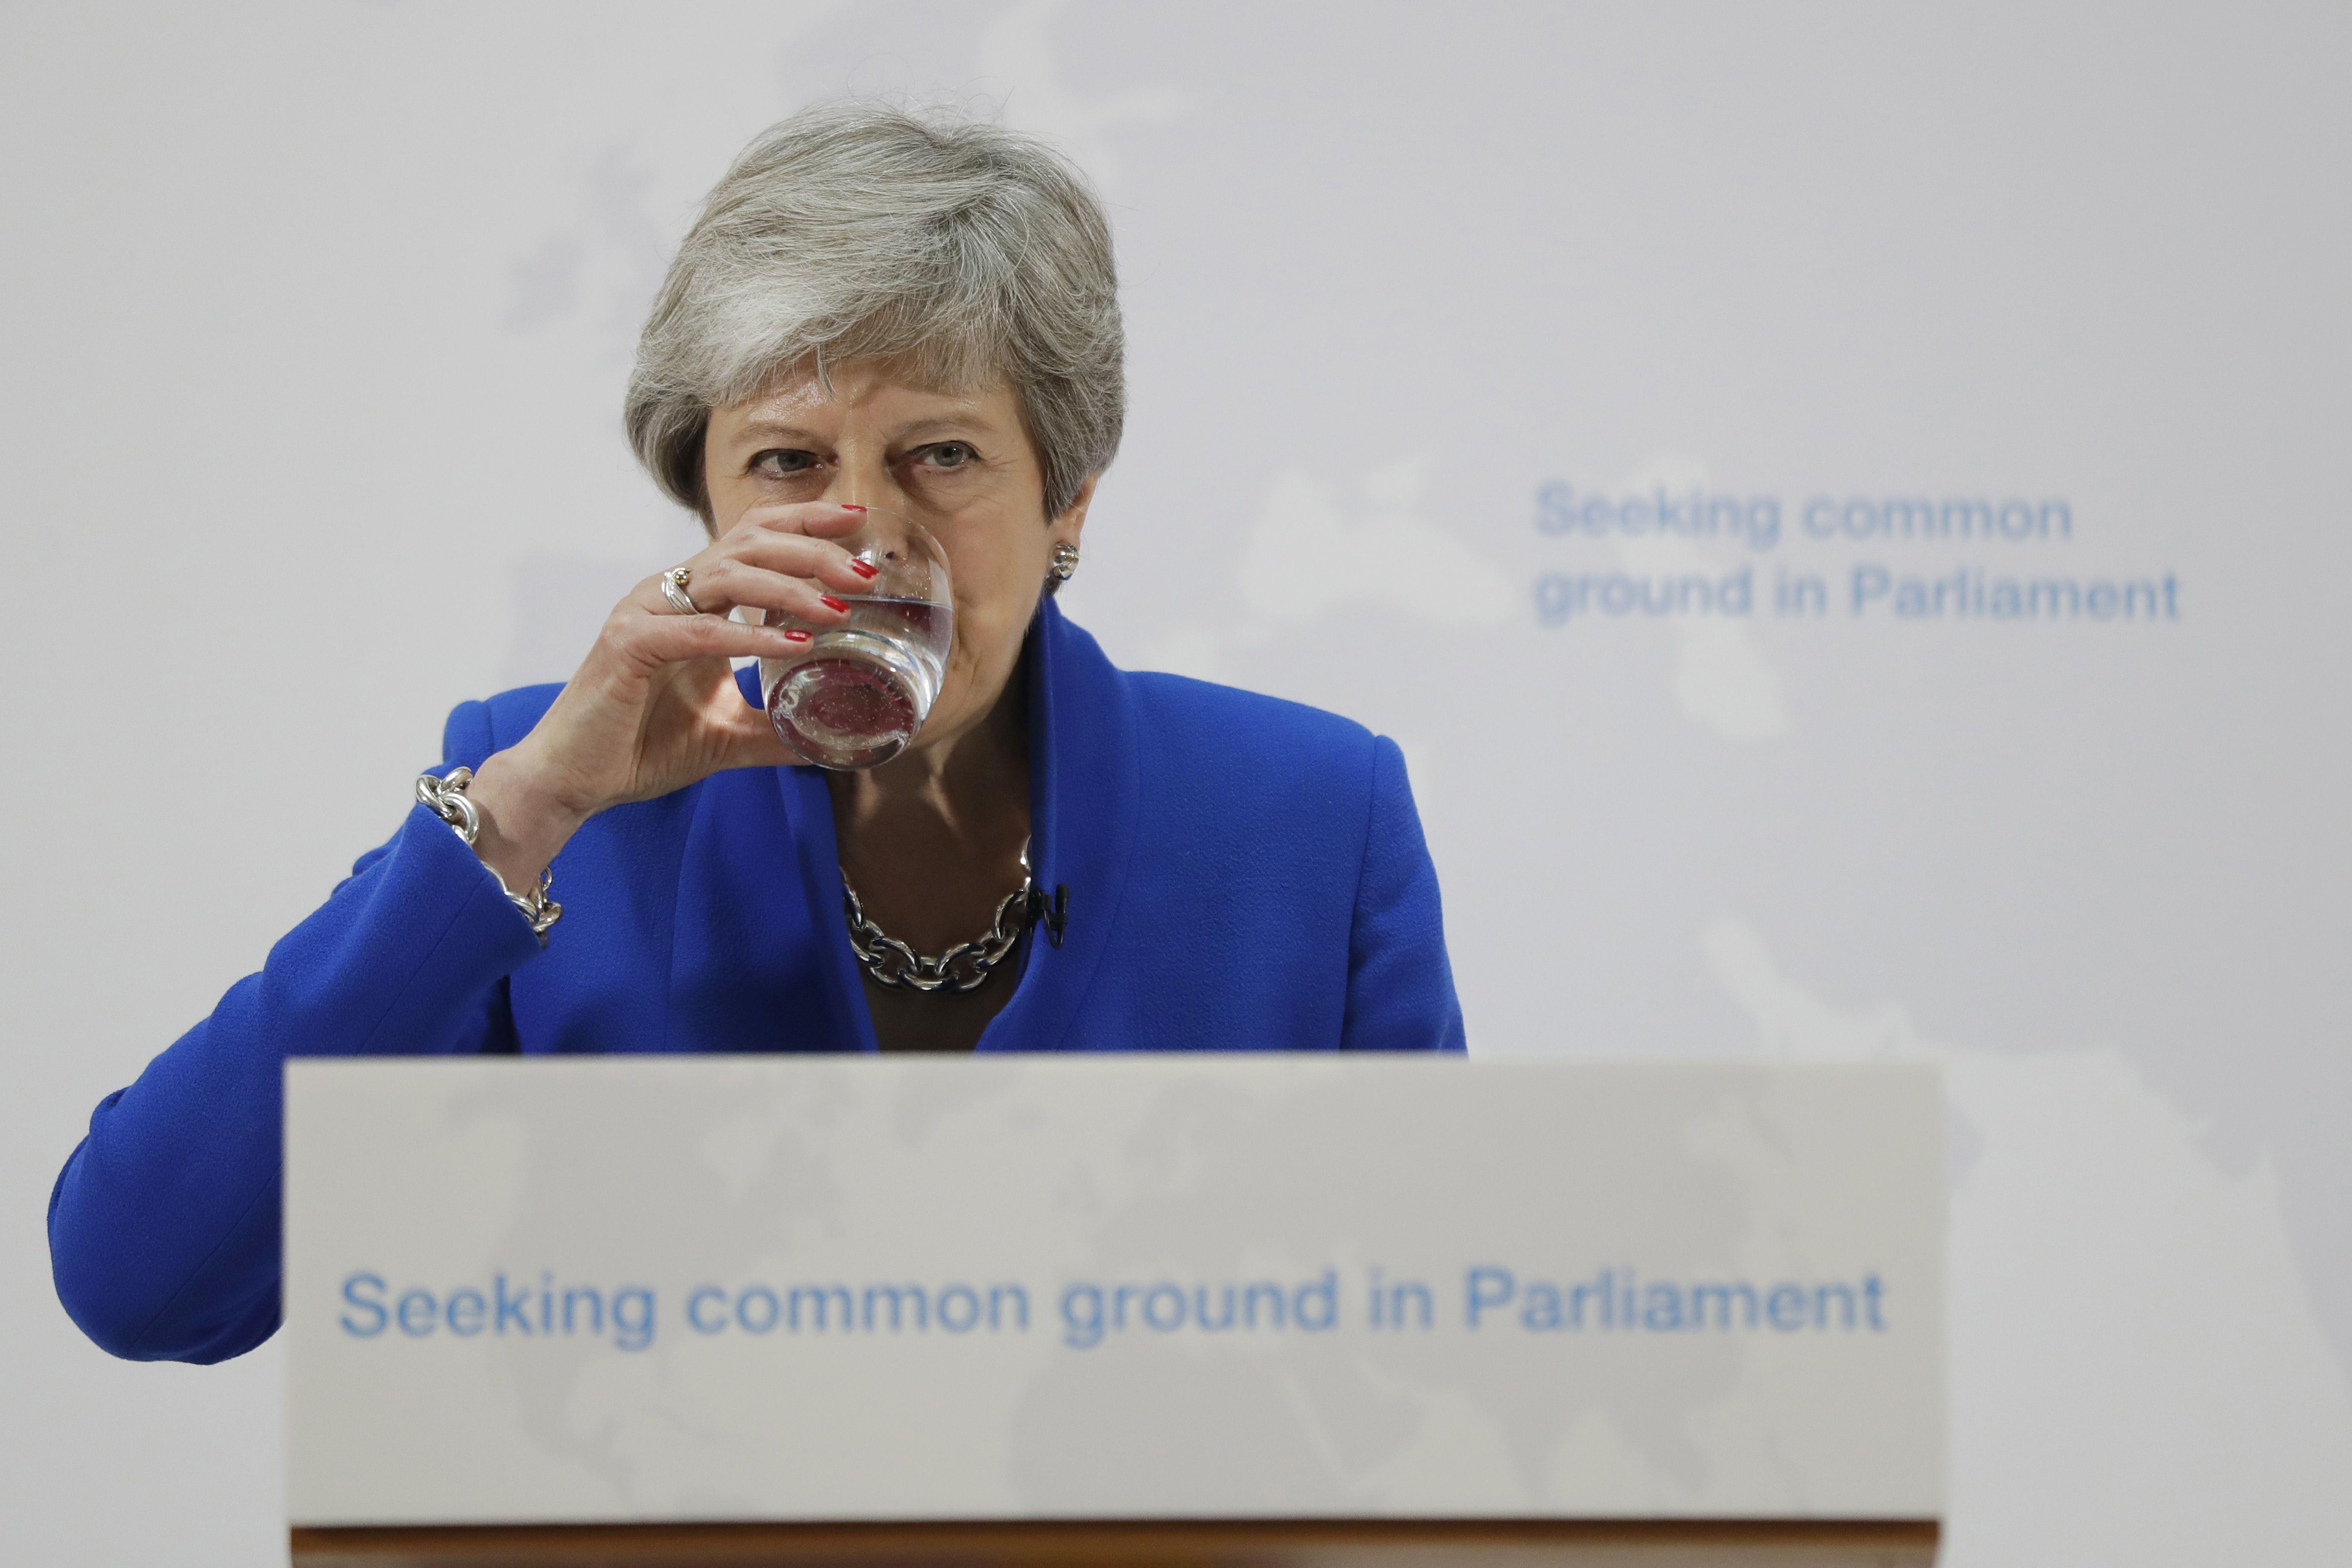 Theresa May busca un segundo referendo sobre la salida del Reino Unido de la Unión Europea. (Foto Prensa Libre: AFP)